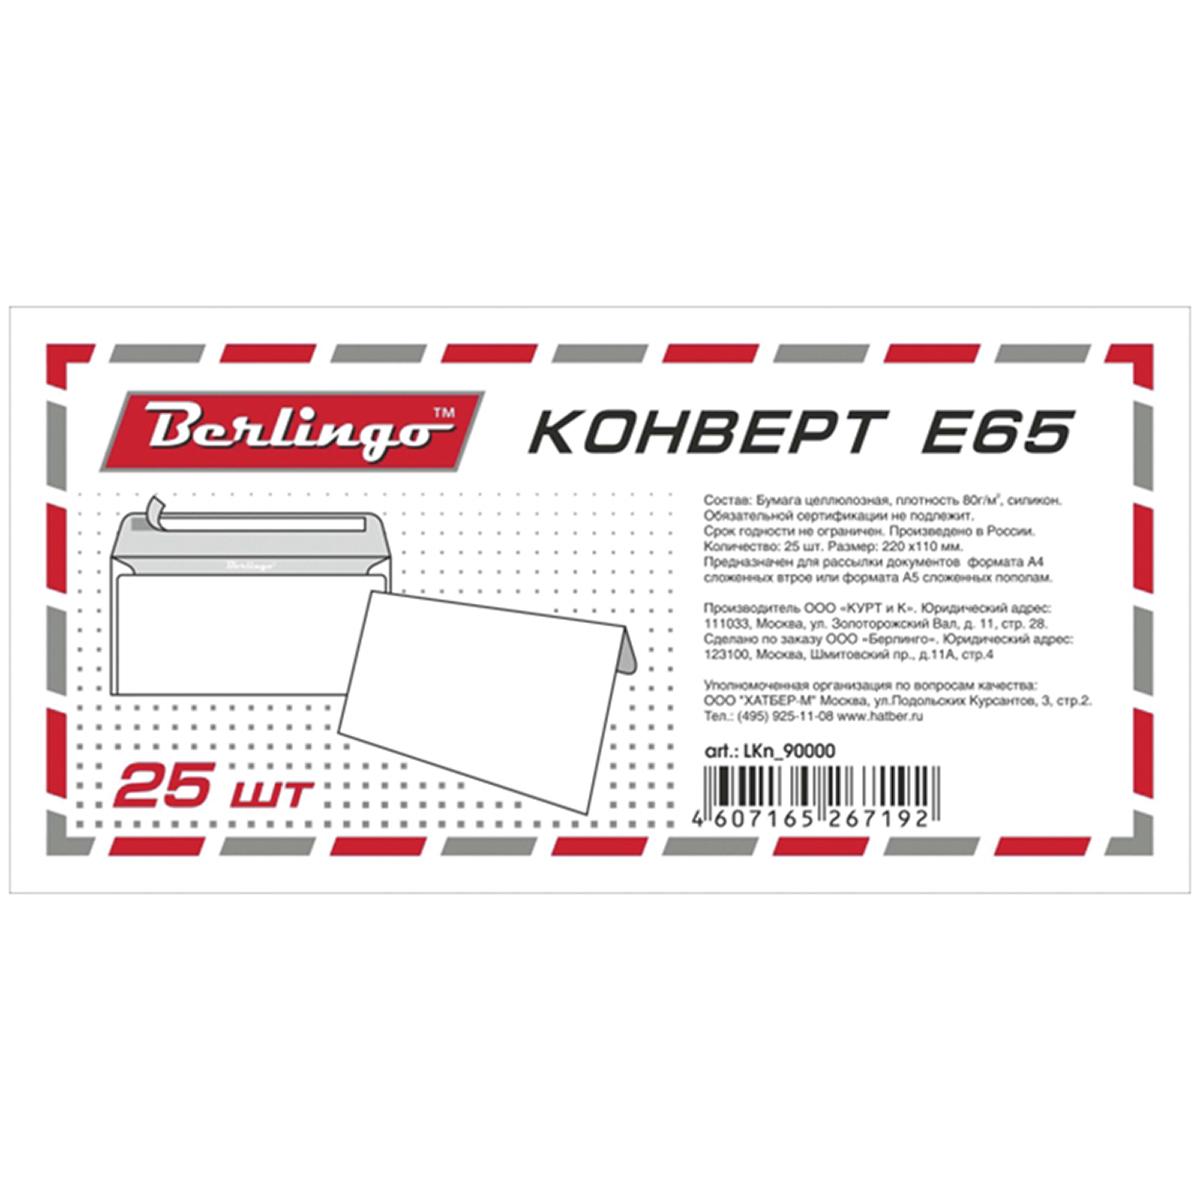 Конверт E65 25 шт LKn_90000LKn_90000Конверт евроформата размером 110х220мм без подсказа, без окна с внутренней запечаткой. Предназначен для вложения листов формата А4, сложенных вчетверо или А5, сложенных вдвое. Клапан конверта крепится с помощью отрывной силиконовой ленты. Упаковка - термоусадочная пленка